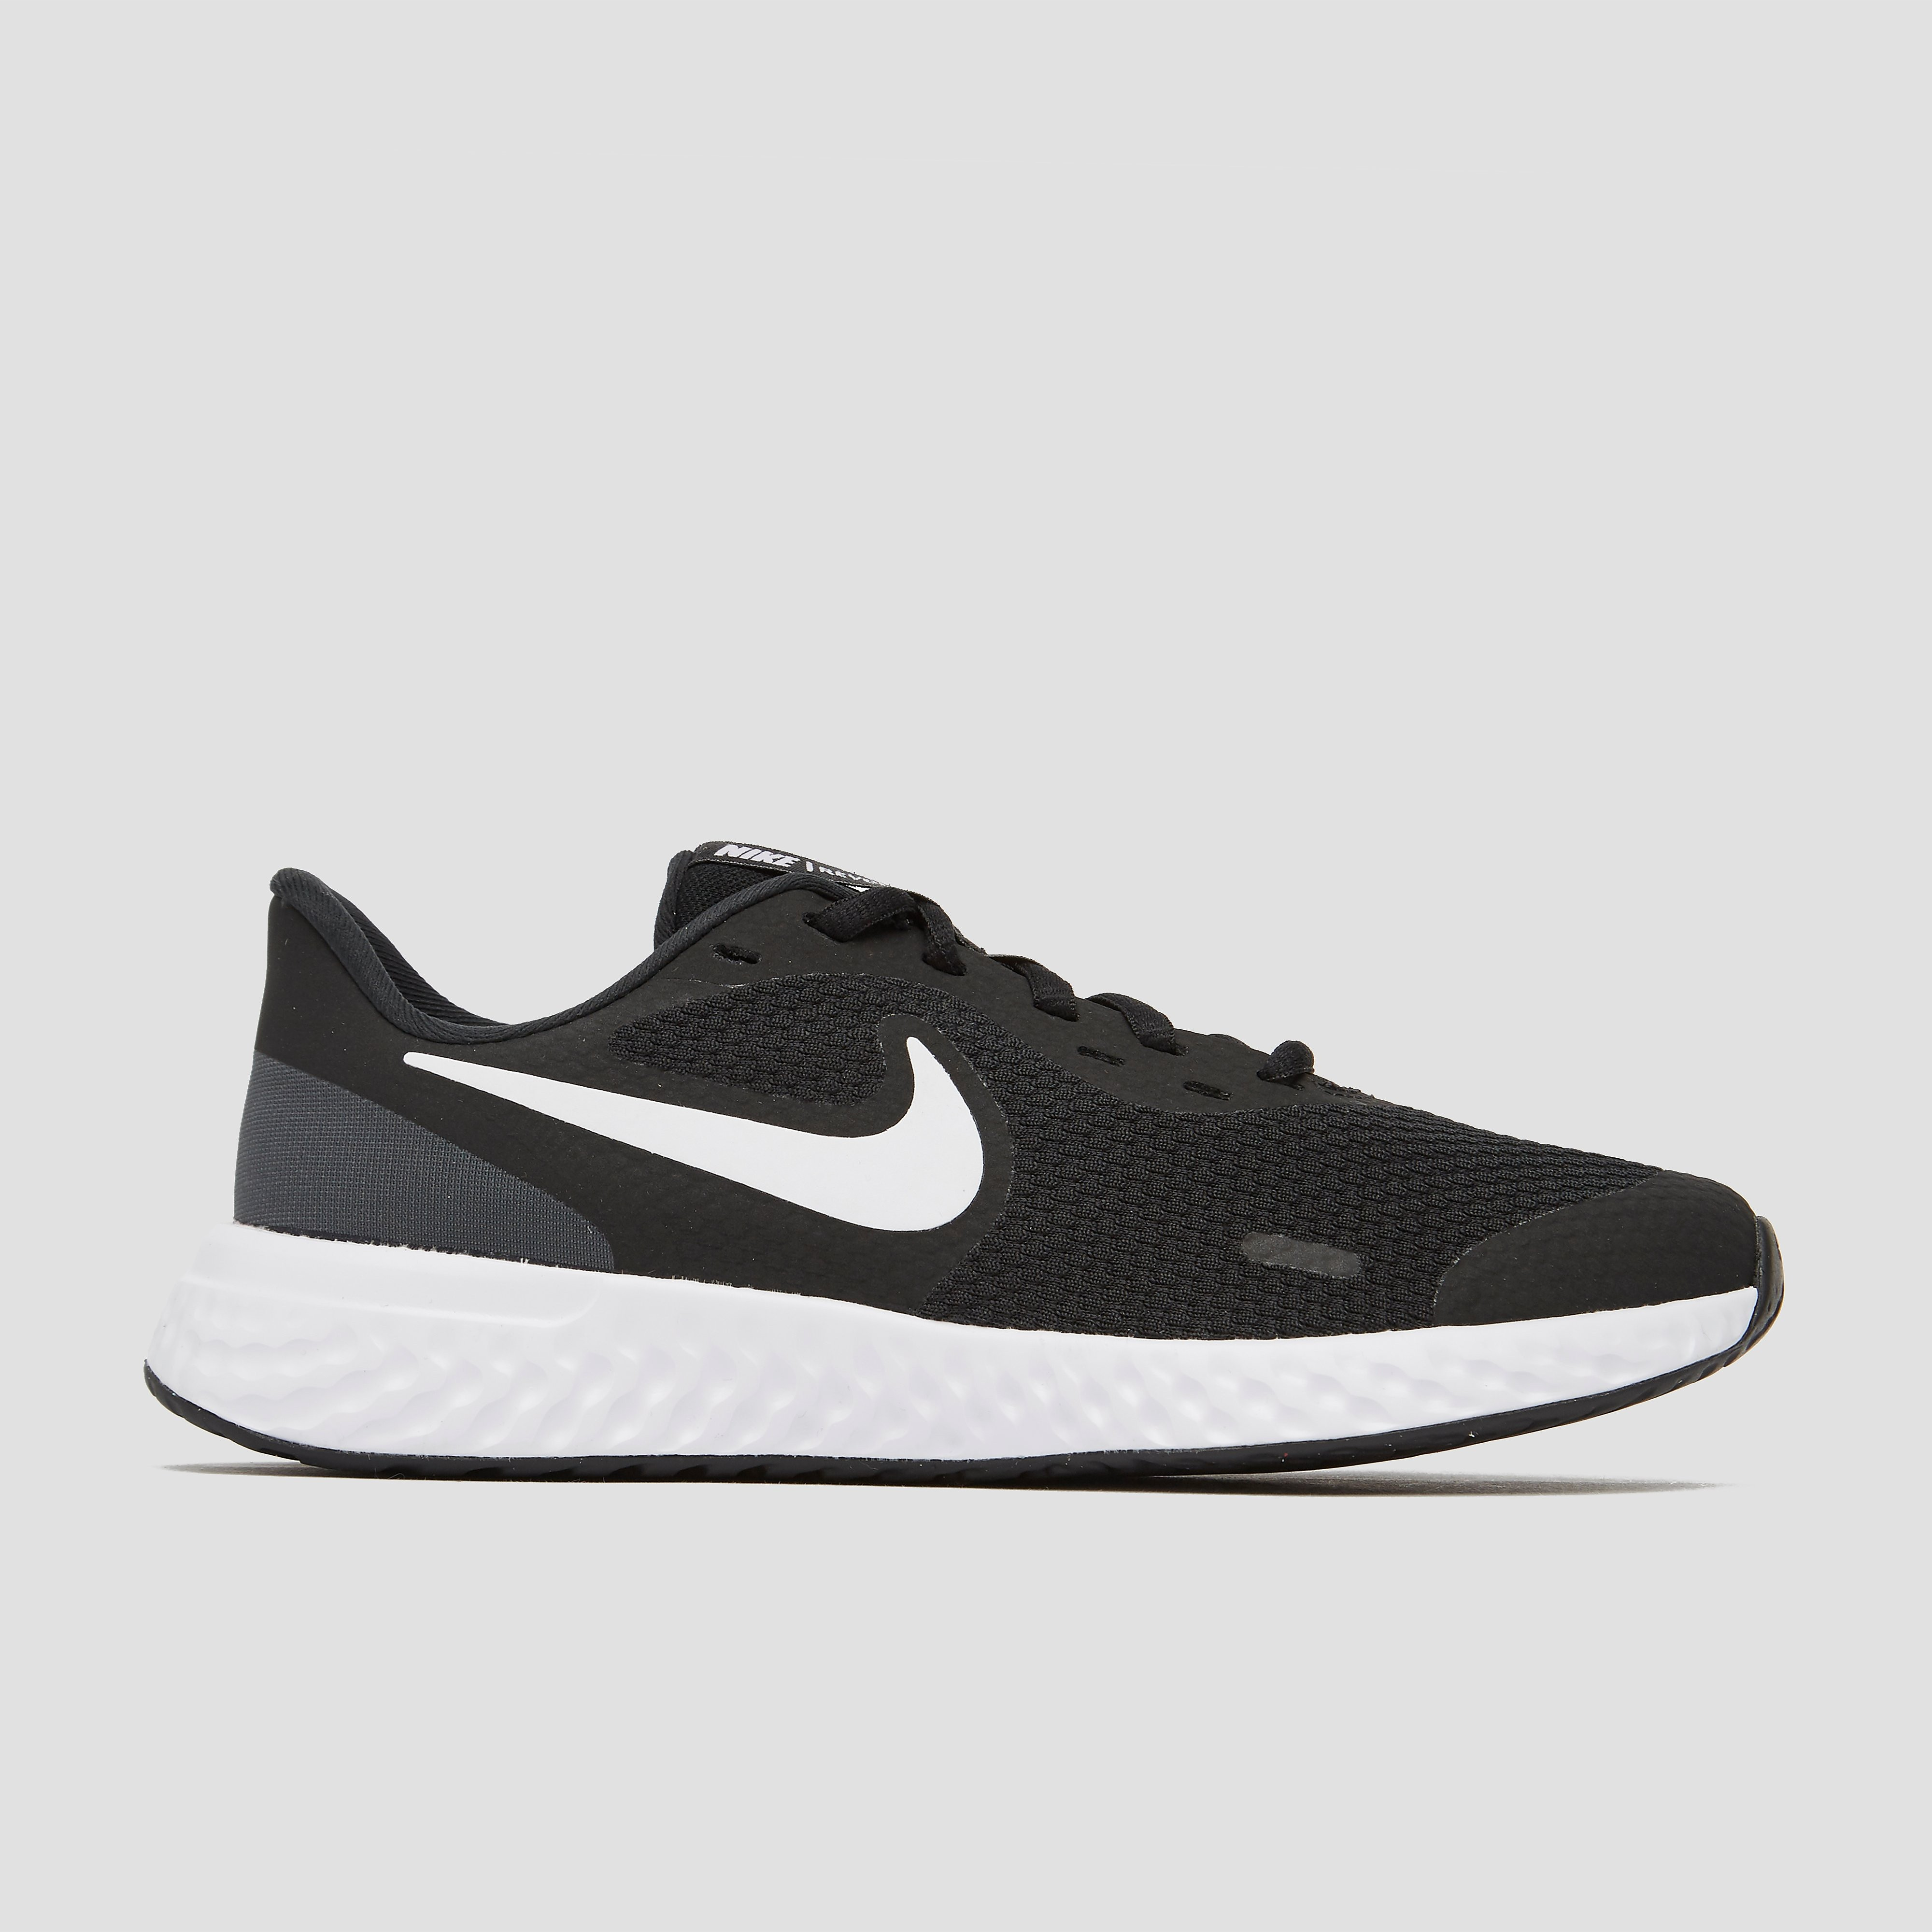 Nike revolution 5 hardloopschoenen zwart/wit kinderen online kopen